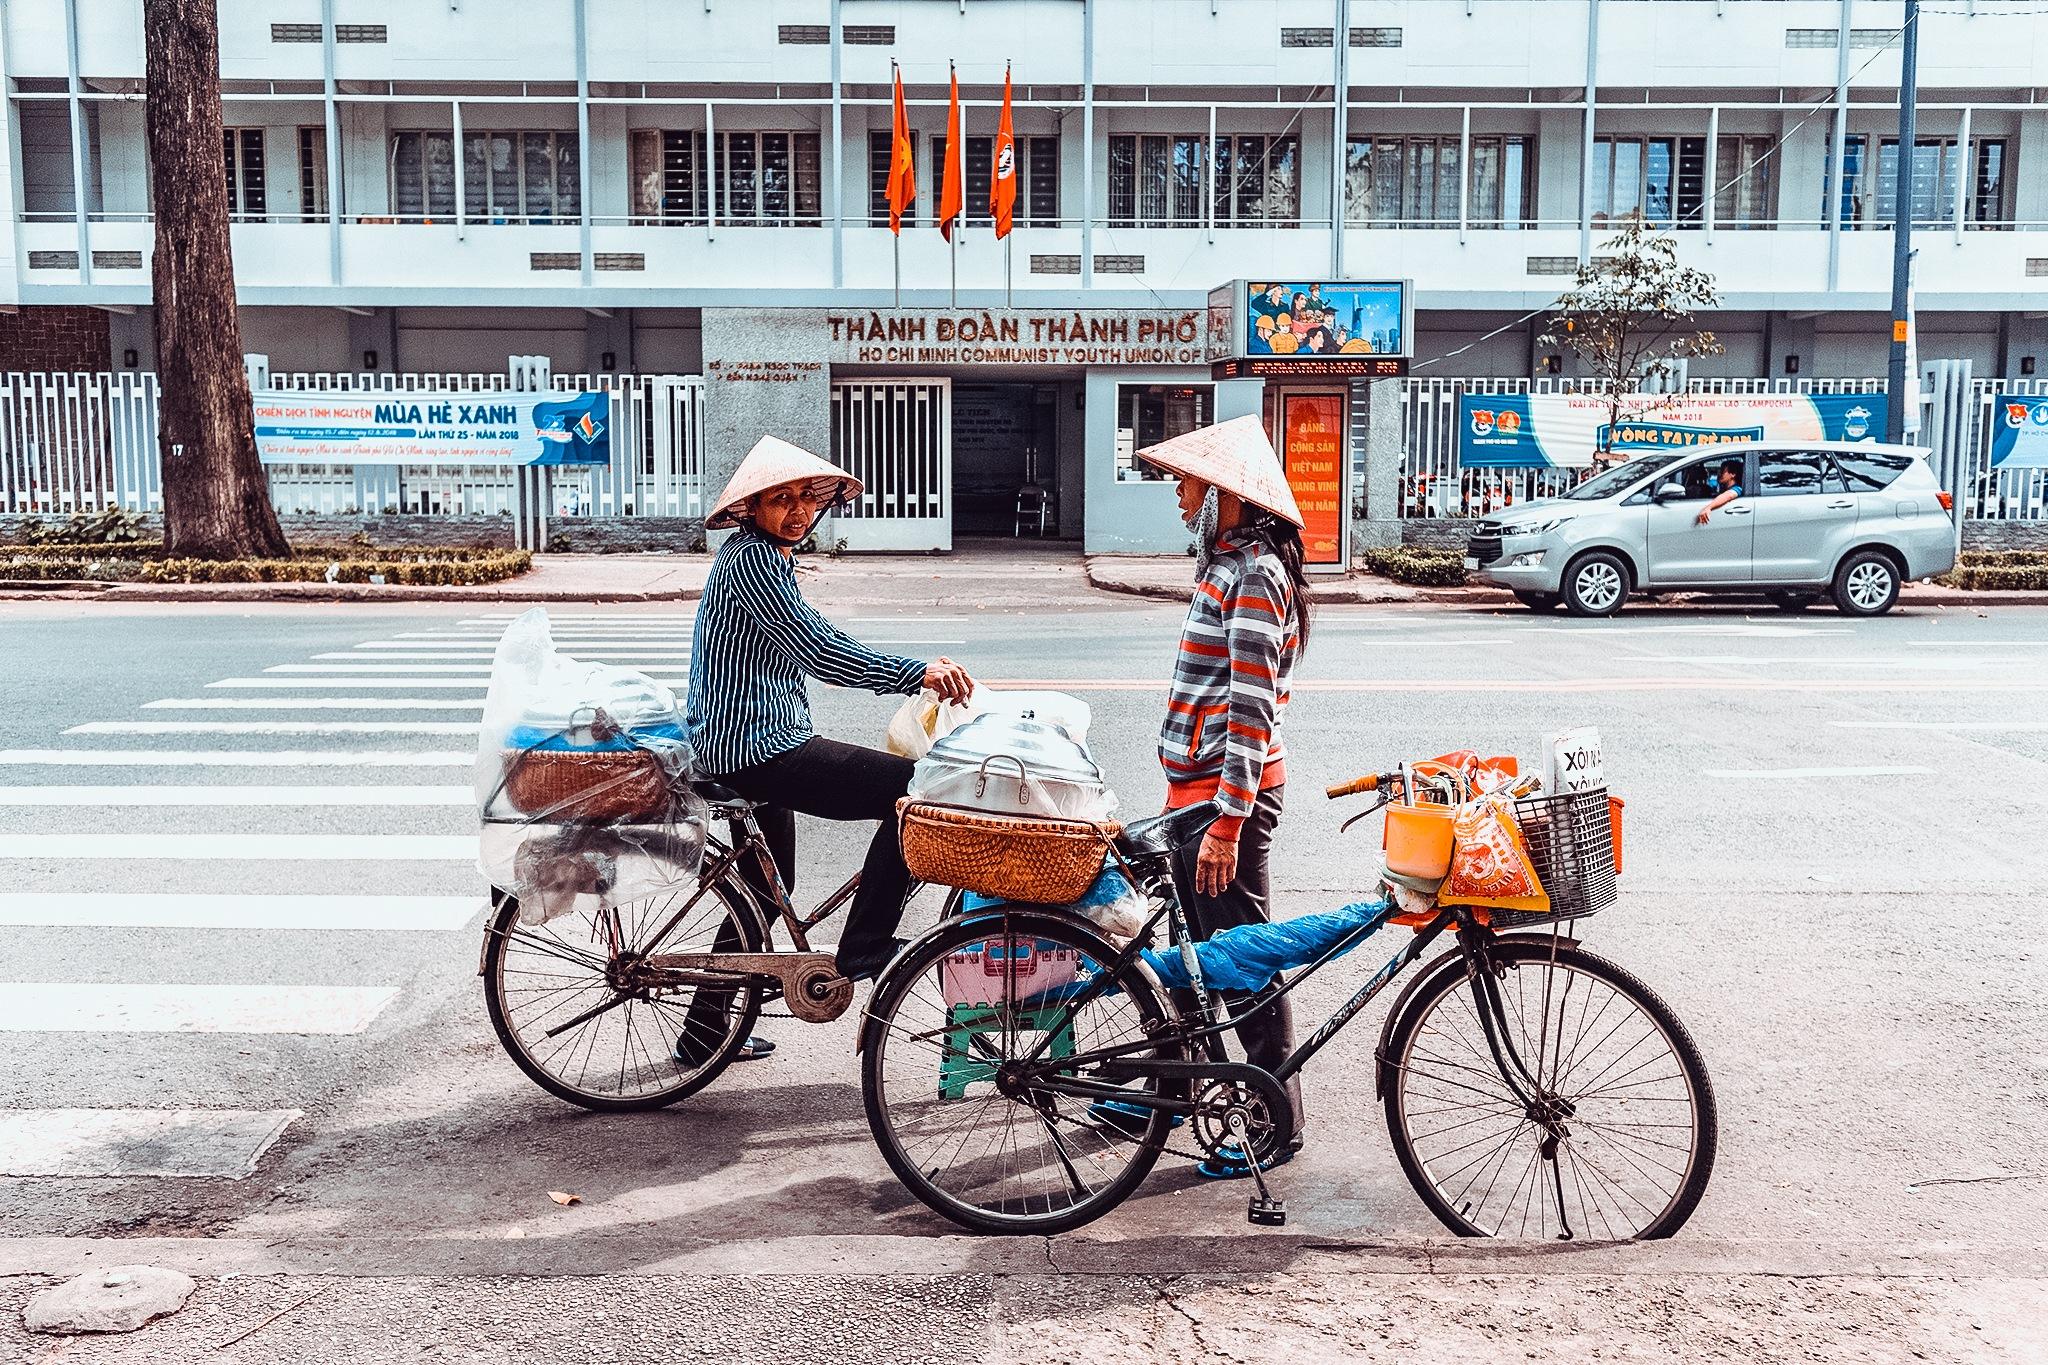 Little Saigon by Sagittarius Kat